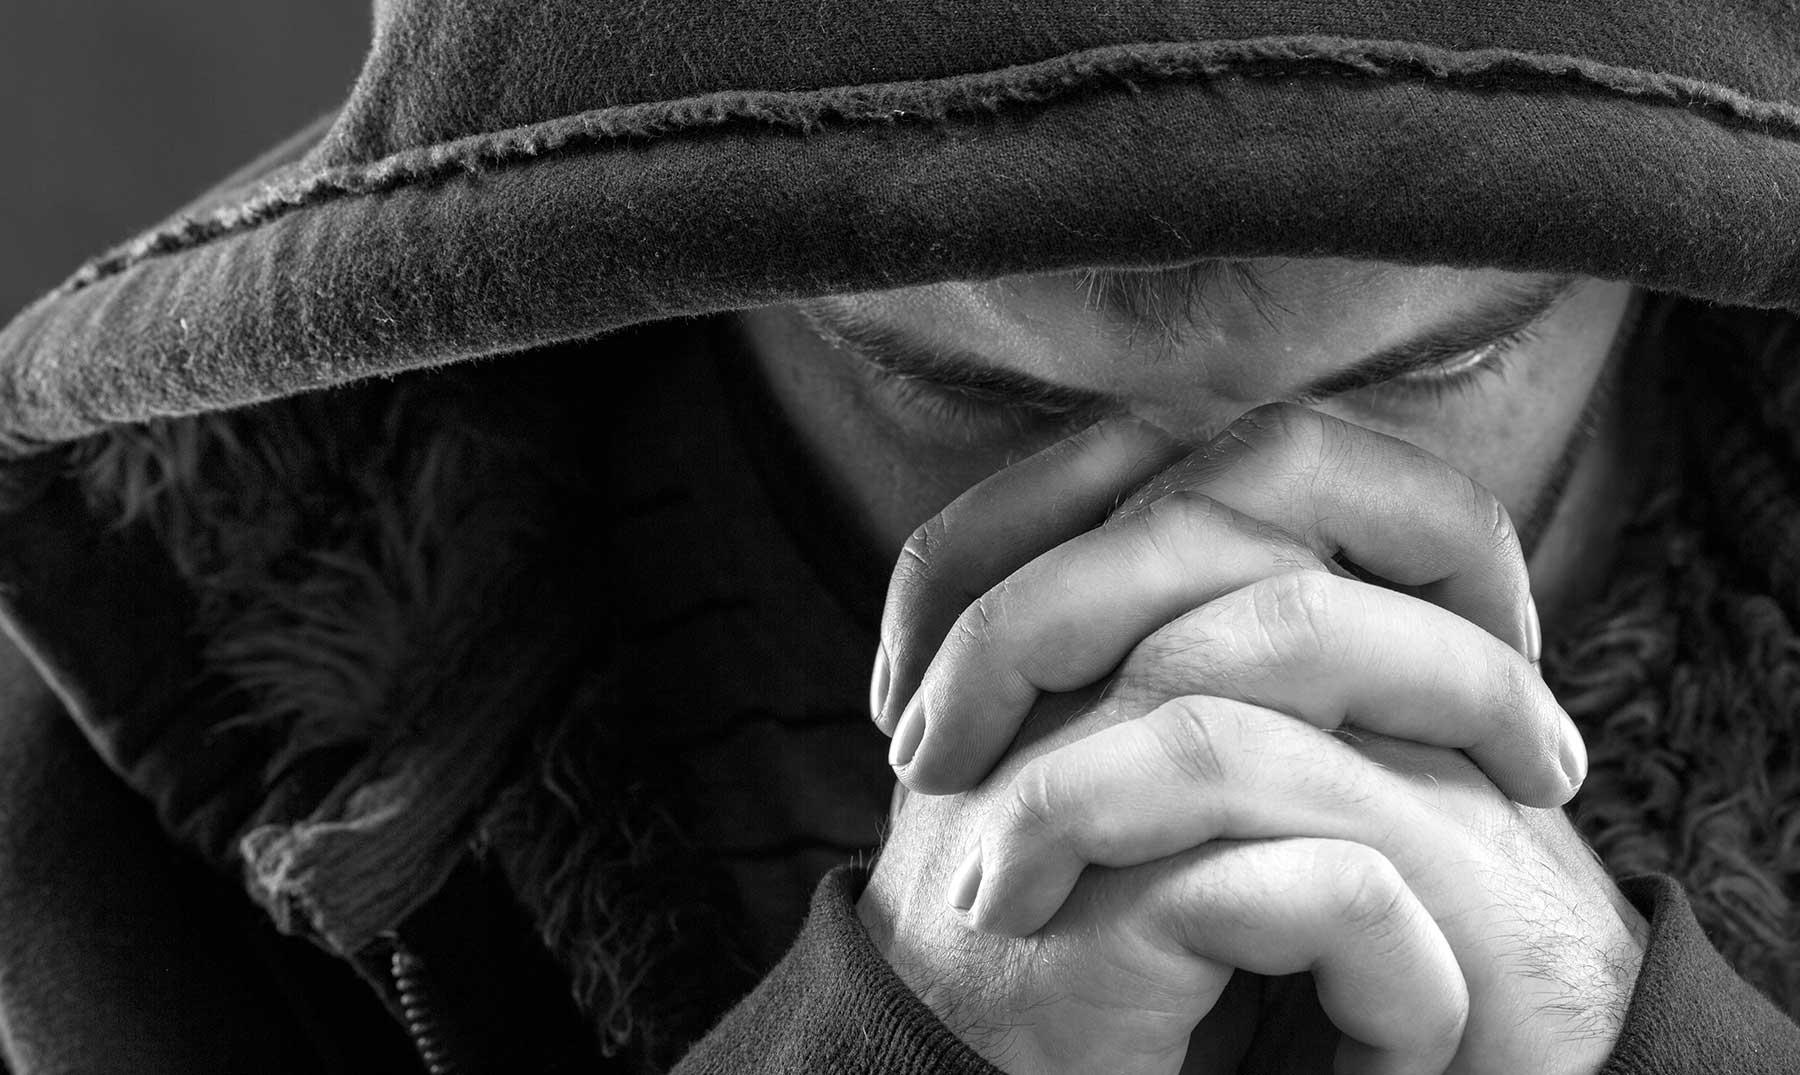 Frases de arrepentimiento para cuando has hecho algo mal